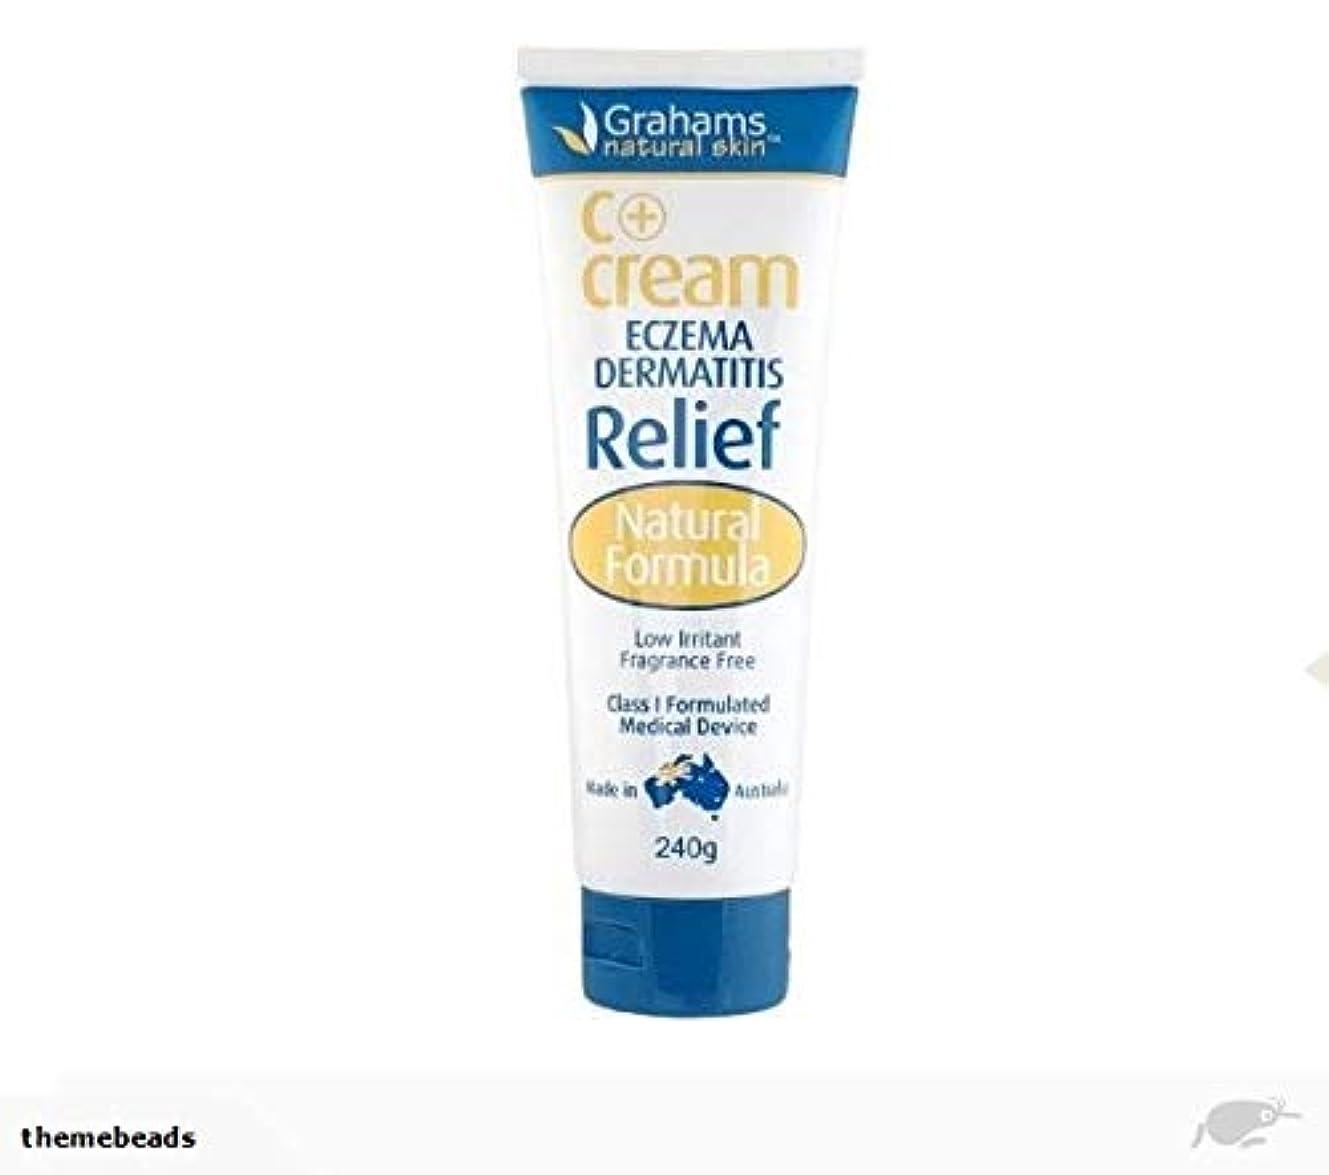 程度スライムである[Grahams] 湿疹 かぶれ肌に C+クリーム 無香料 低刺激 (C+ Cream ECZEMA DERMATITIS Relif) 240g [海外直送品]